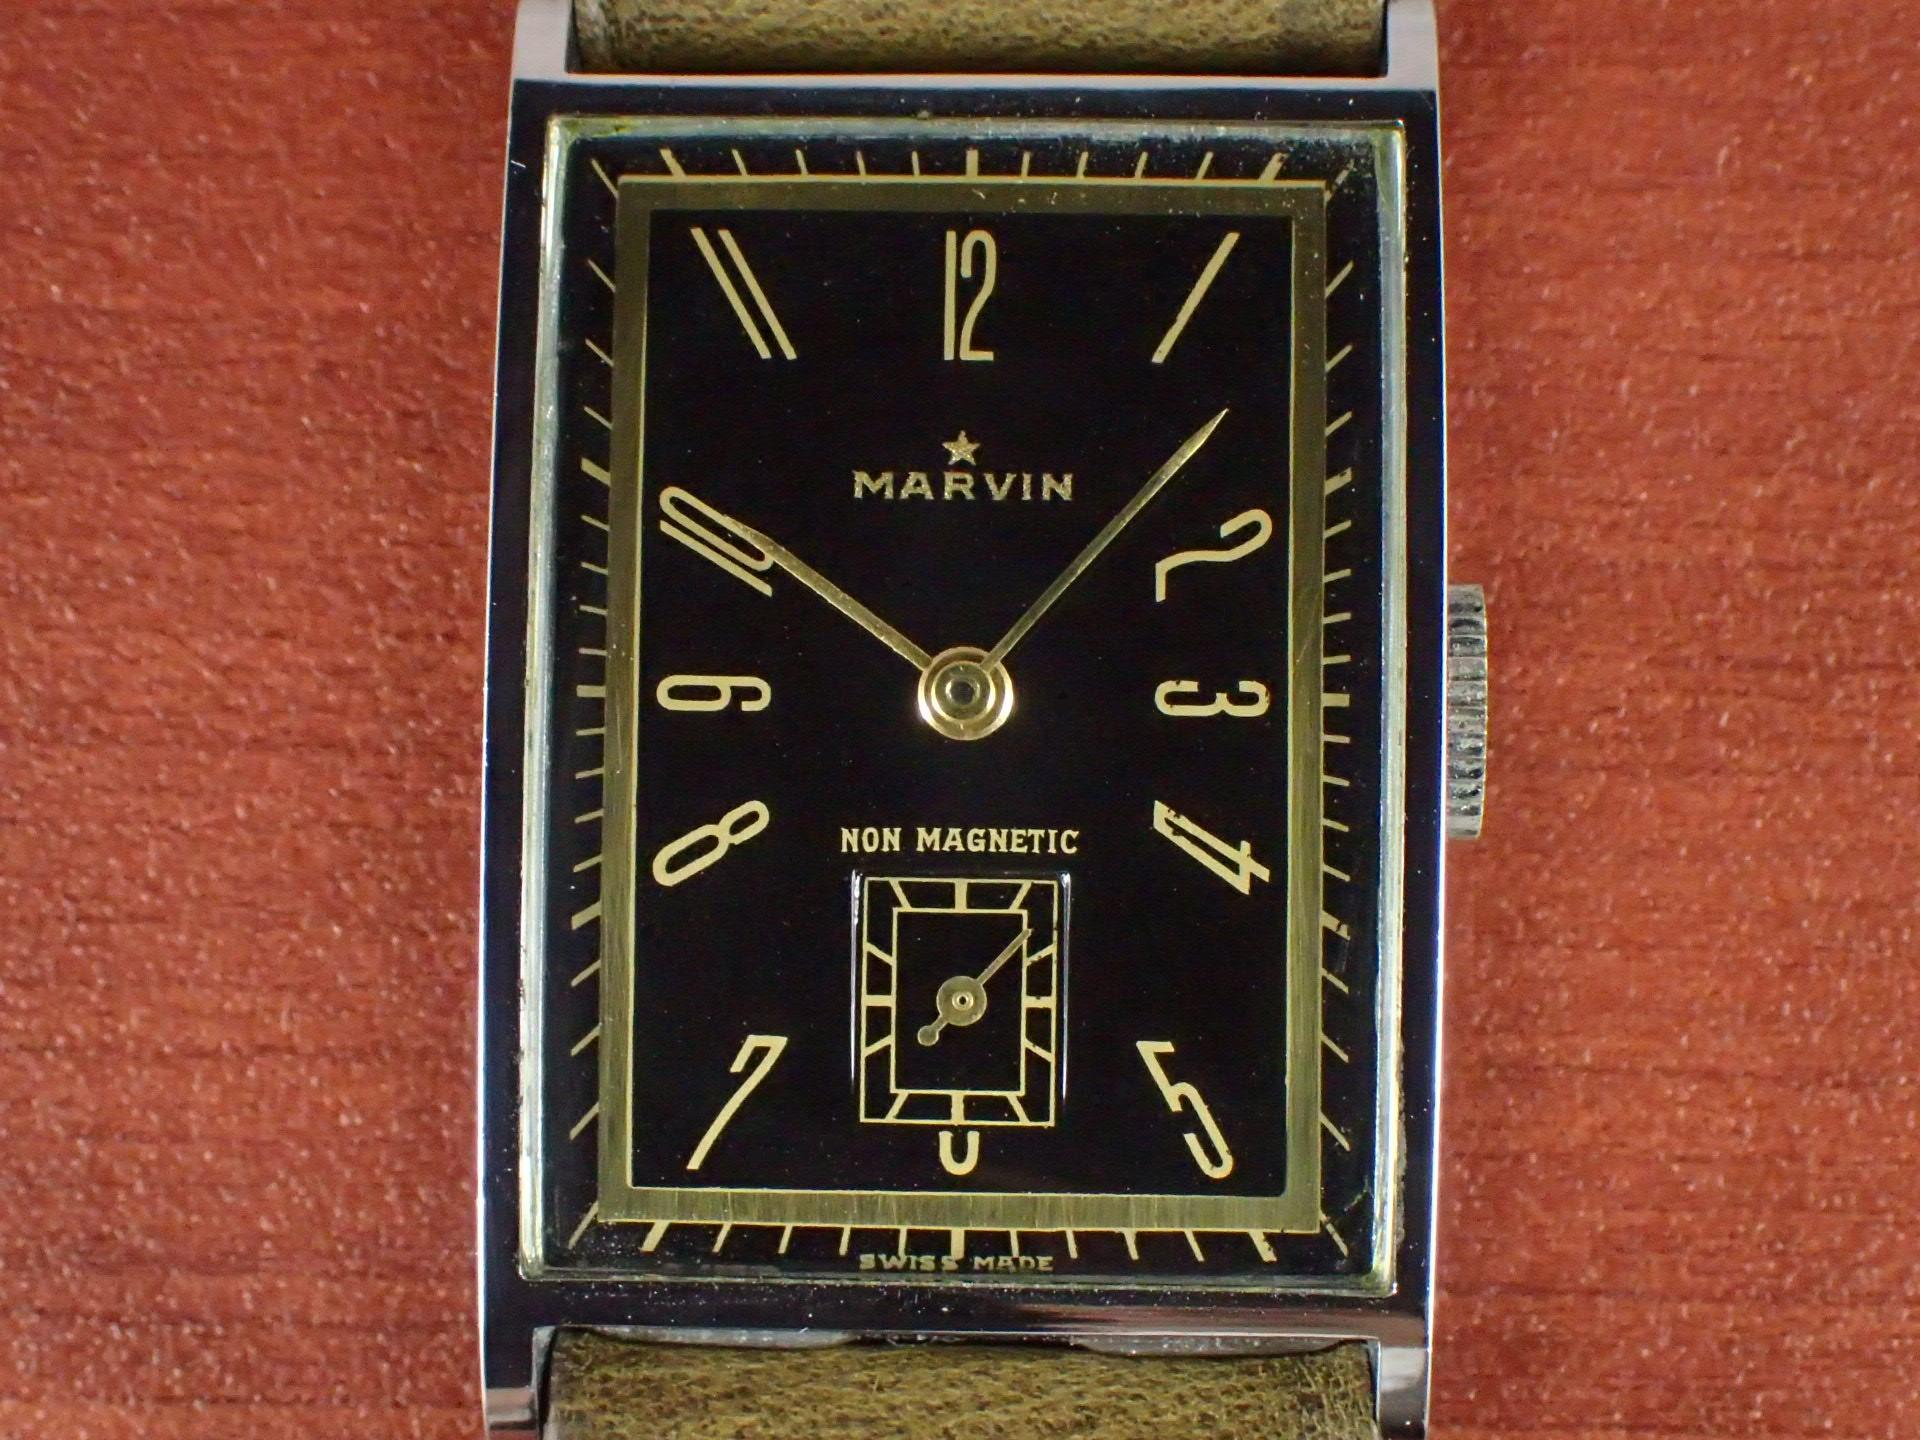 マーヴィン レクタンギュラー ブラックミラーダイアル 1930年代の写真2枚目